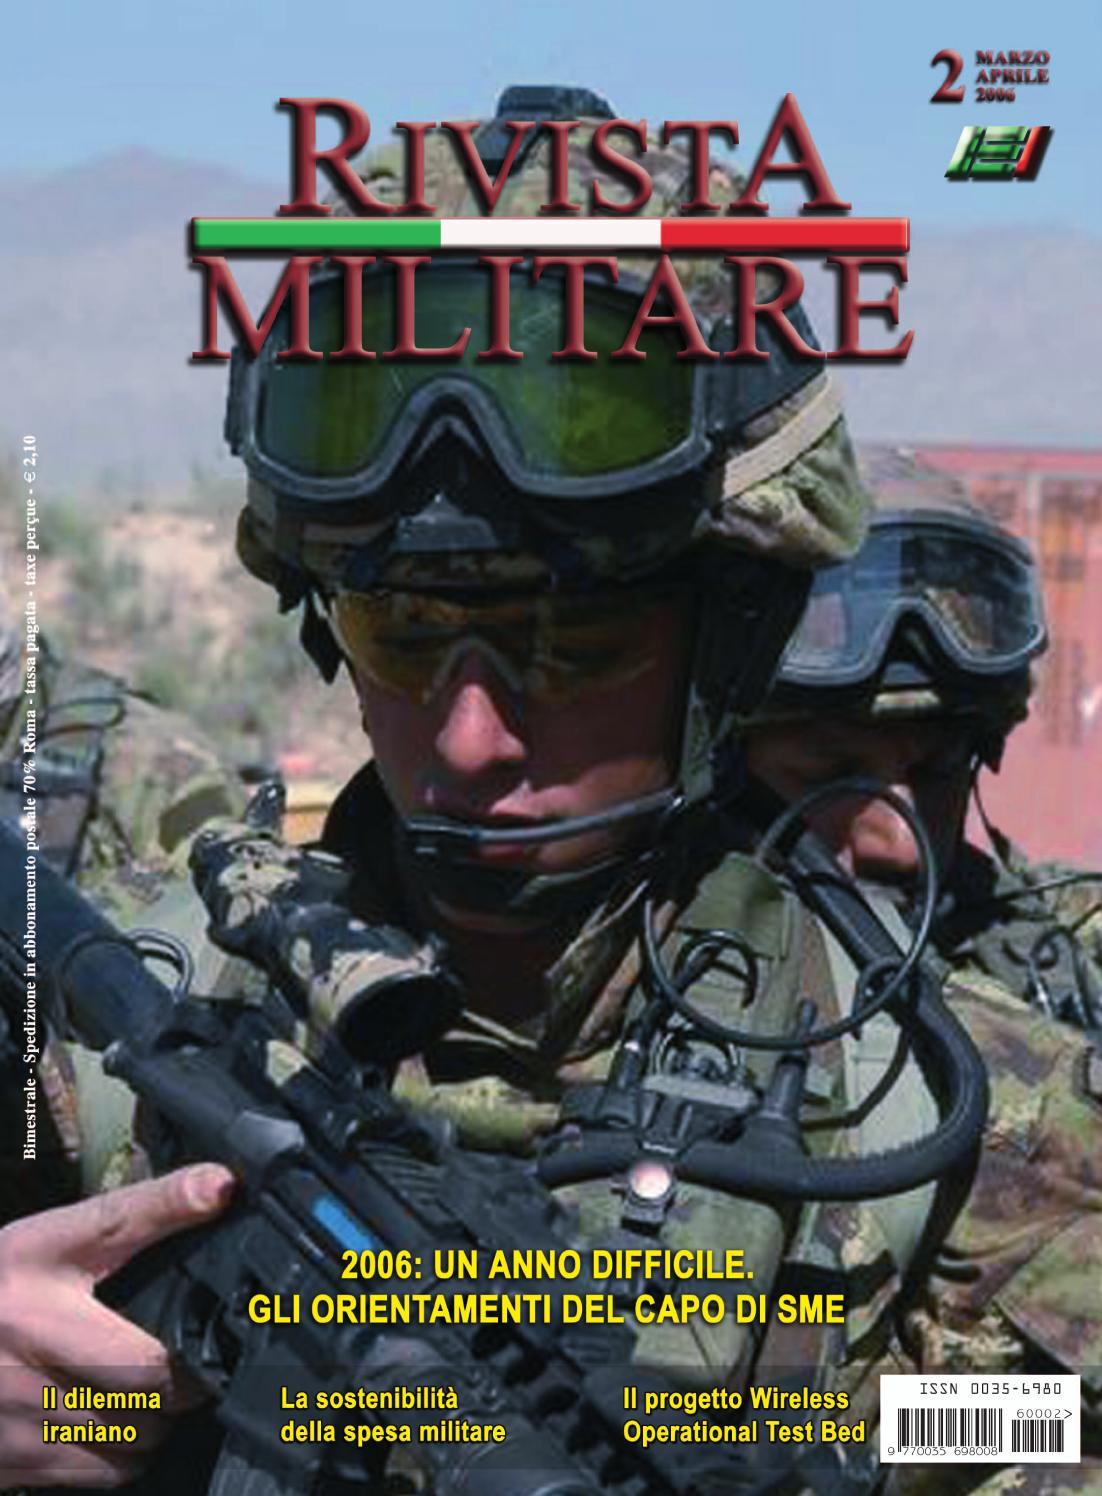 RIVISTA MILITARE 2006 N.2 by Biblioteca Militare - issuu 7ac484eb6a7a